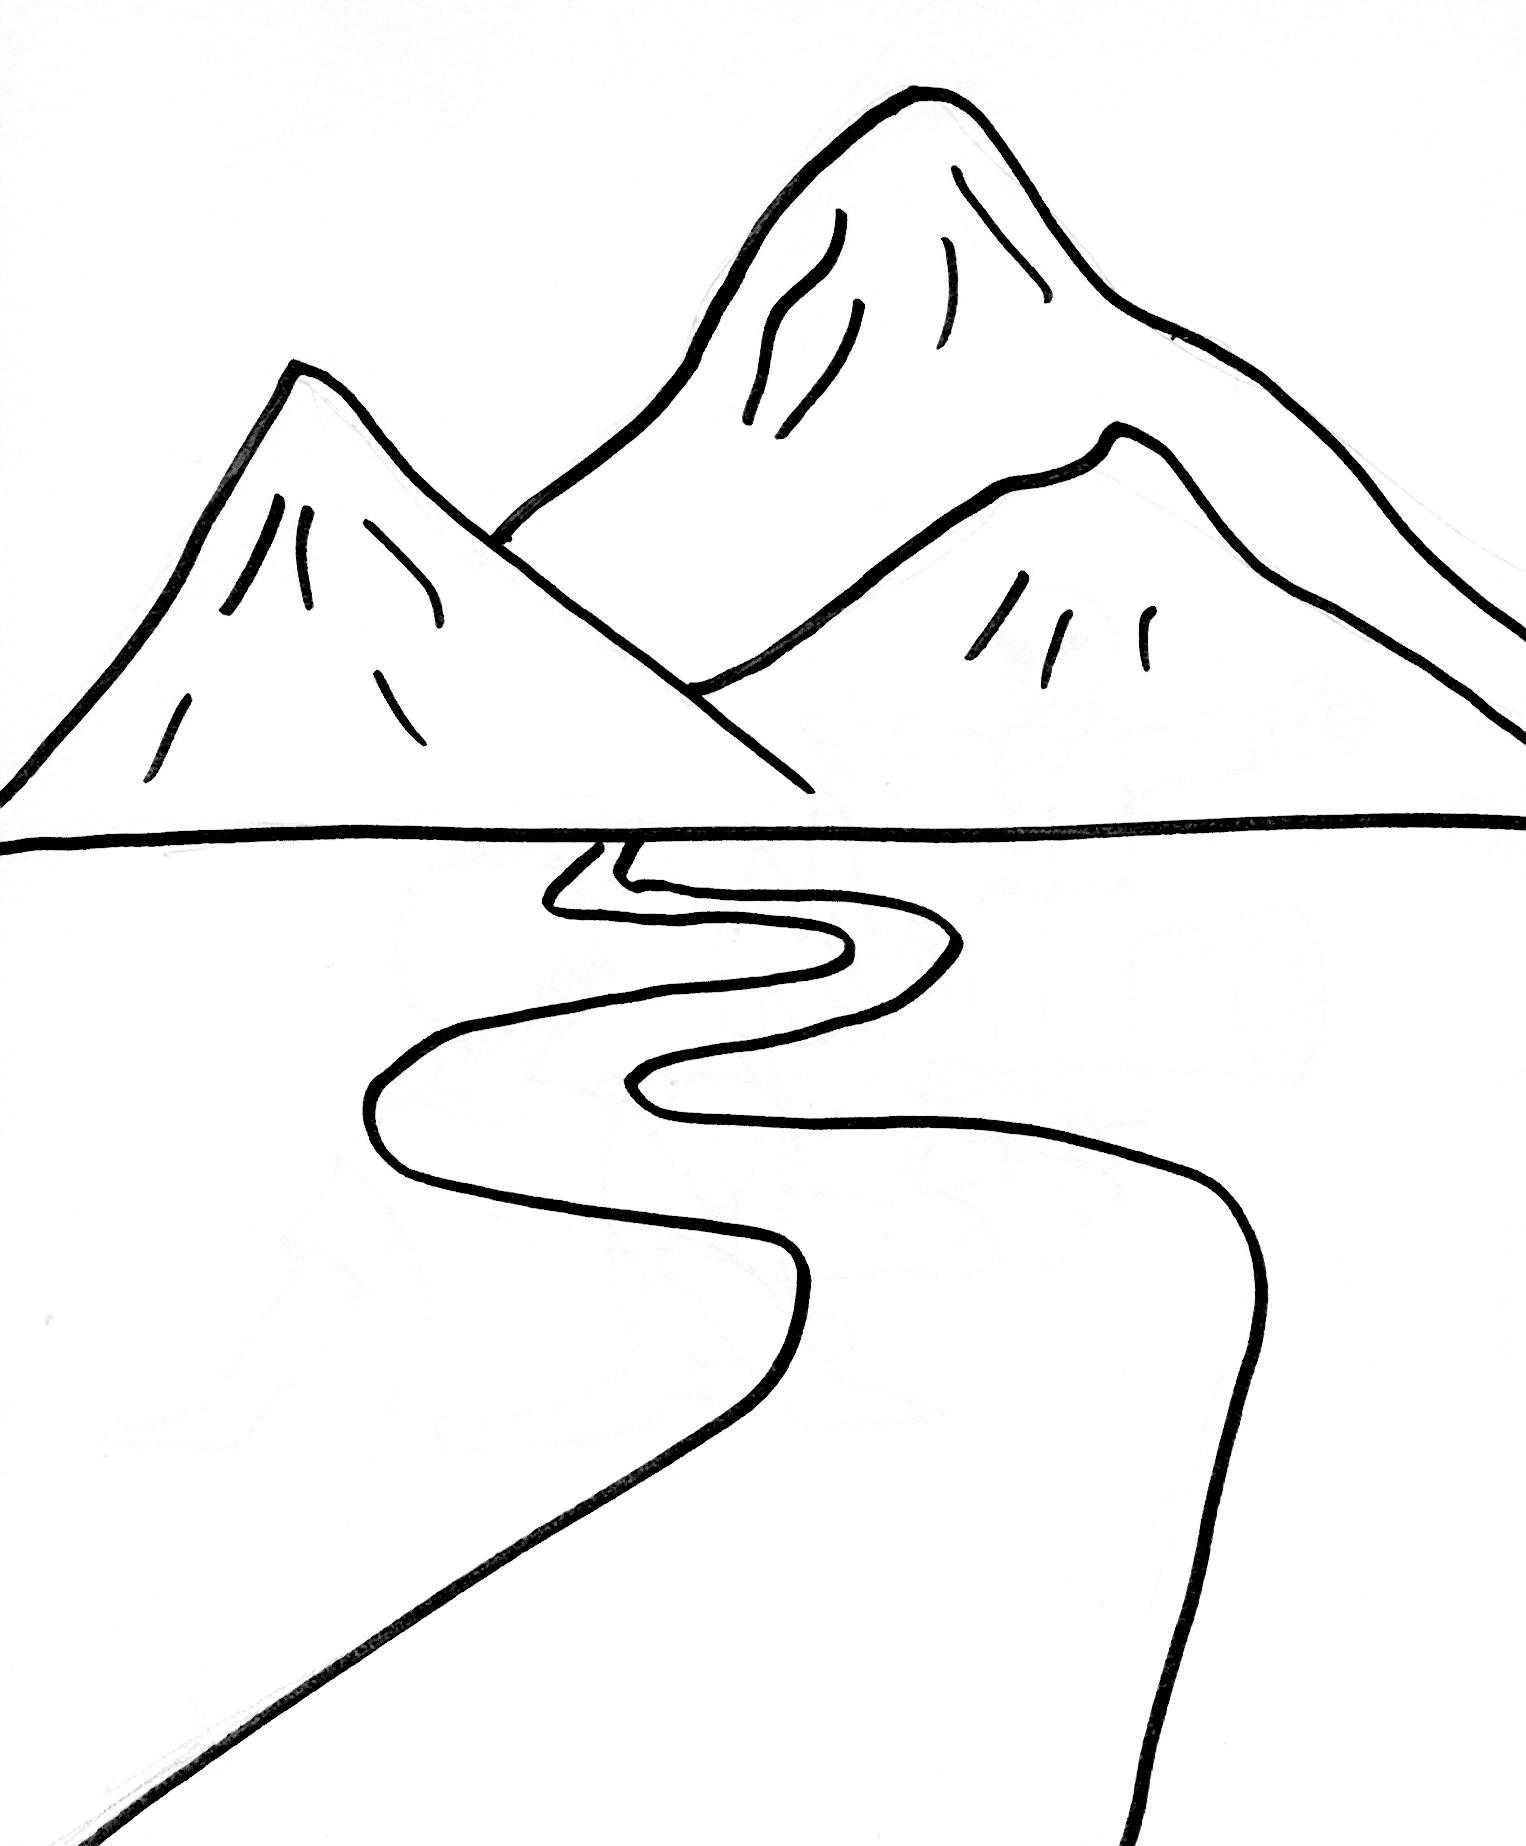 Unico Desenhos De Paisagens Para Imprimir E Colorir Melhores